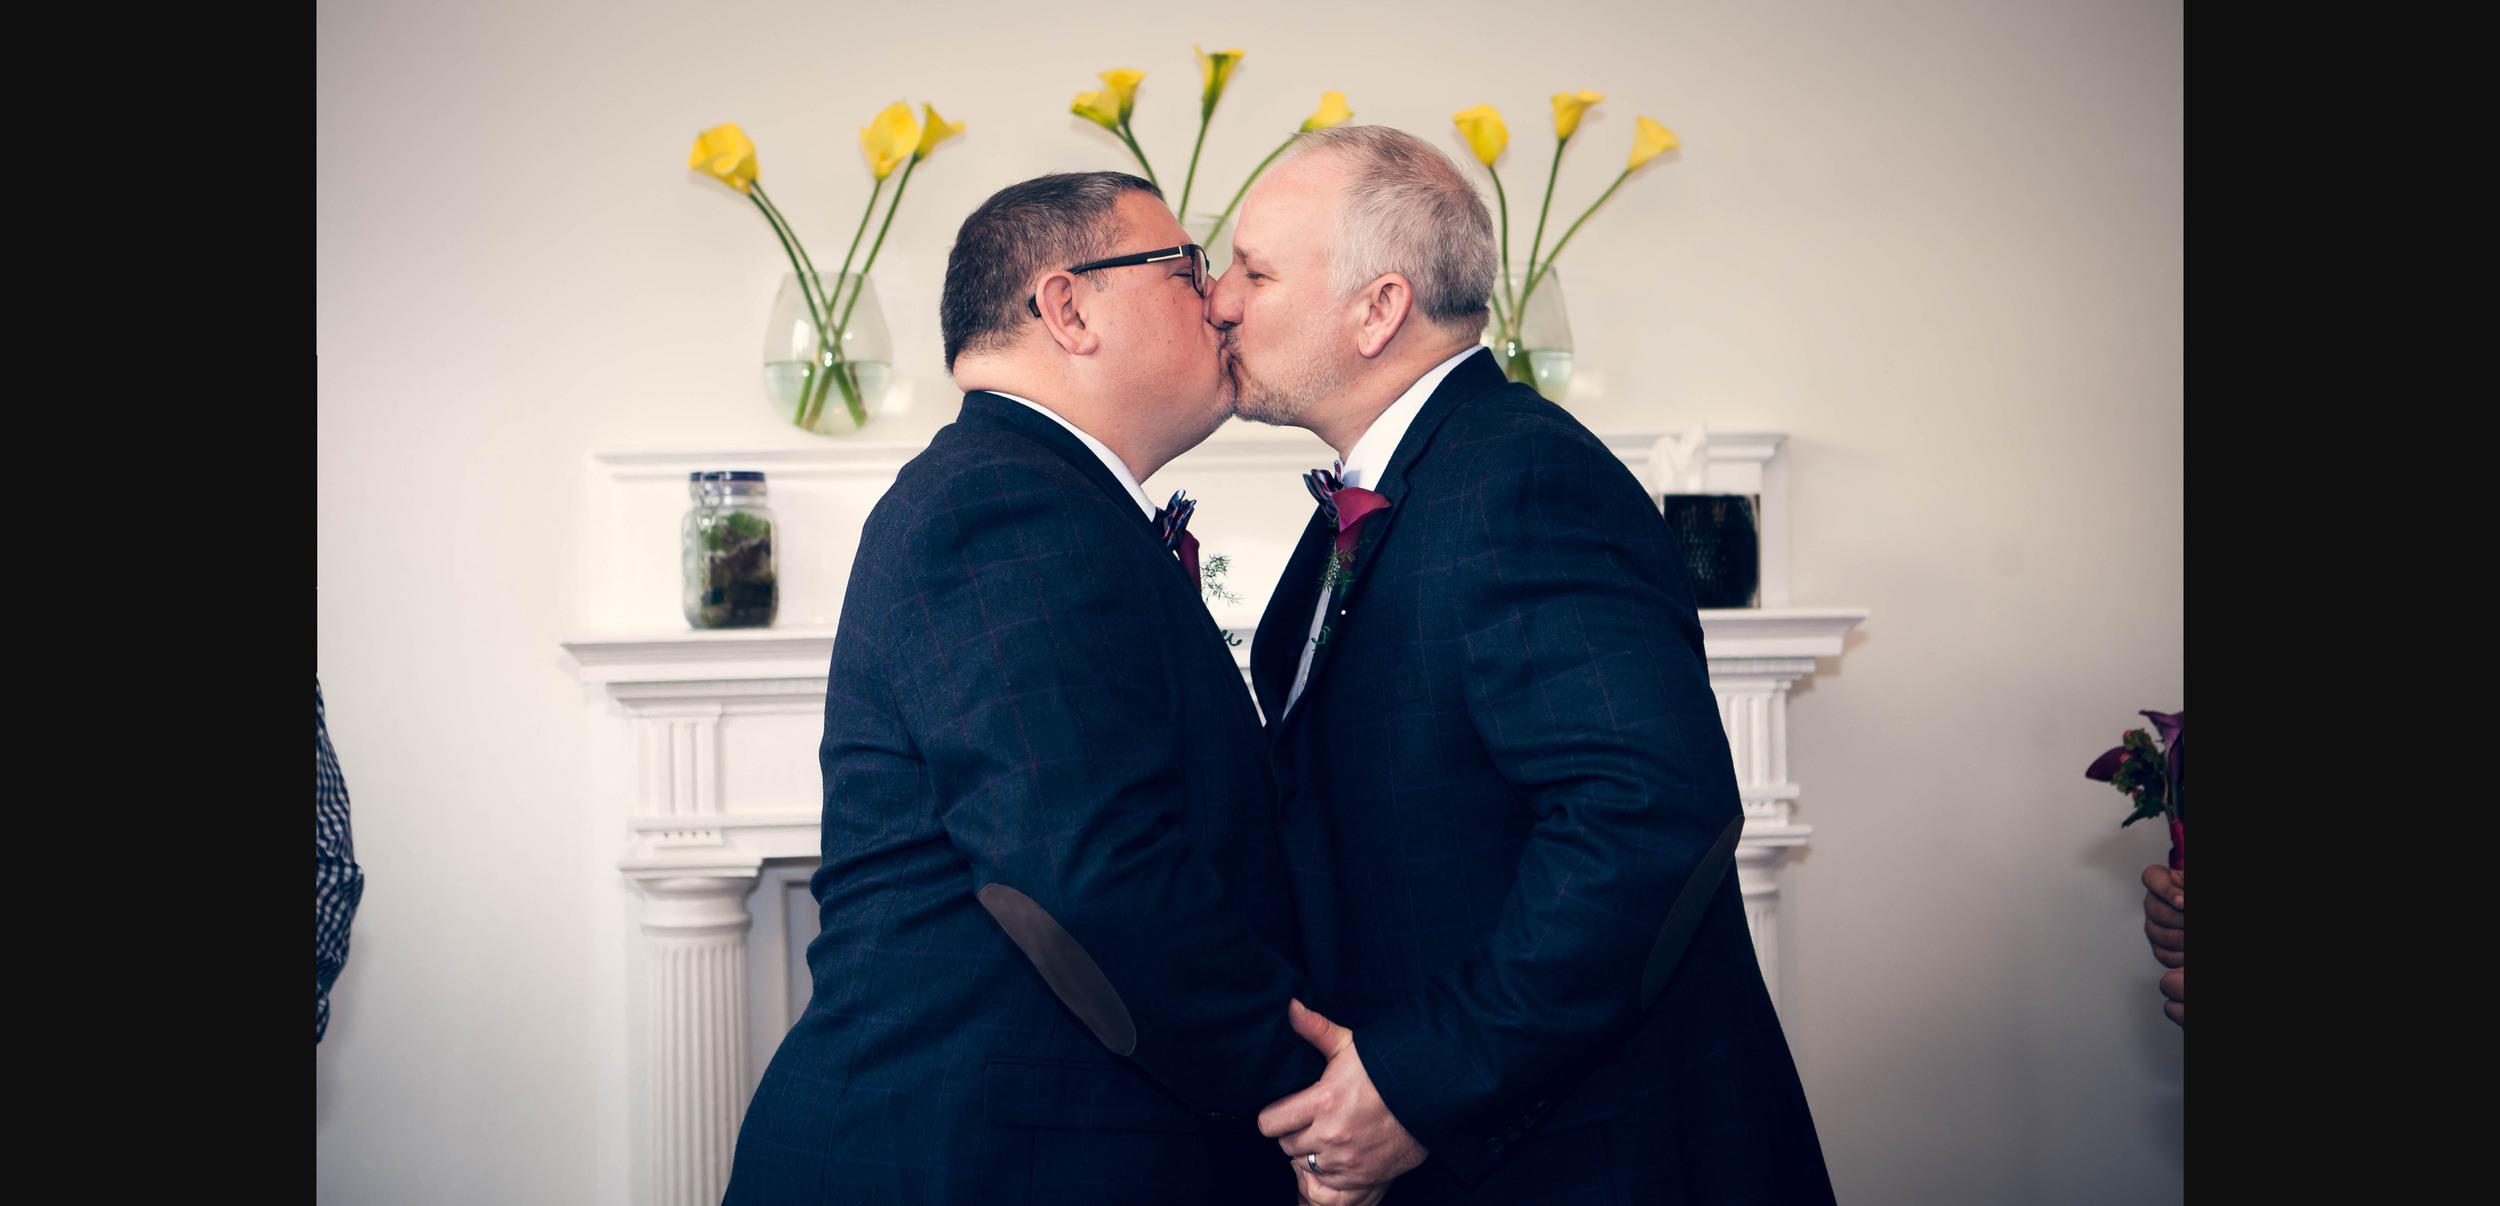 -07 Barry & Kevin Wedding-002.jpg